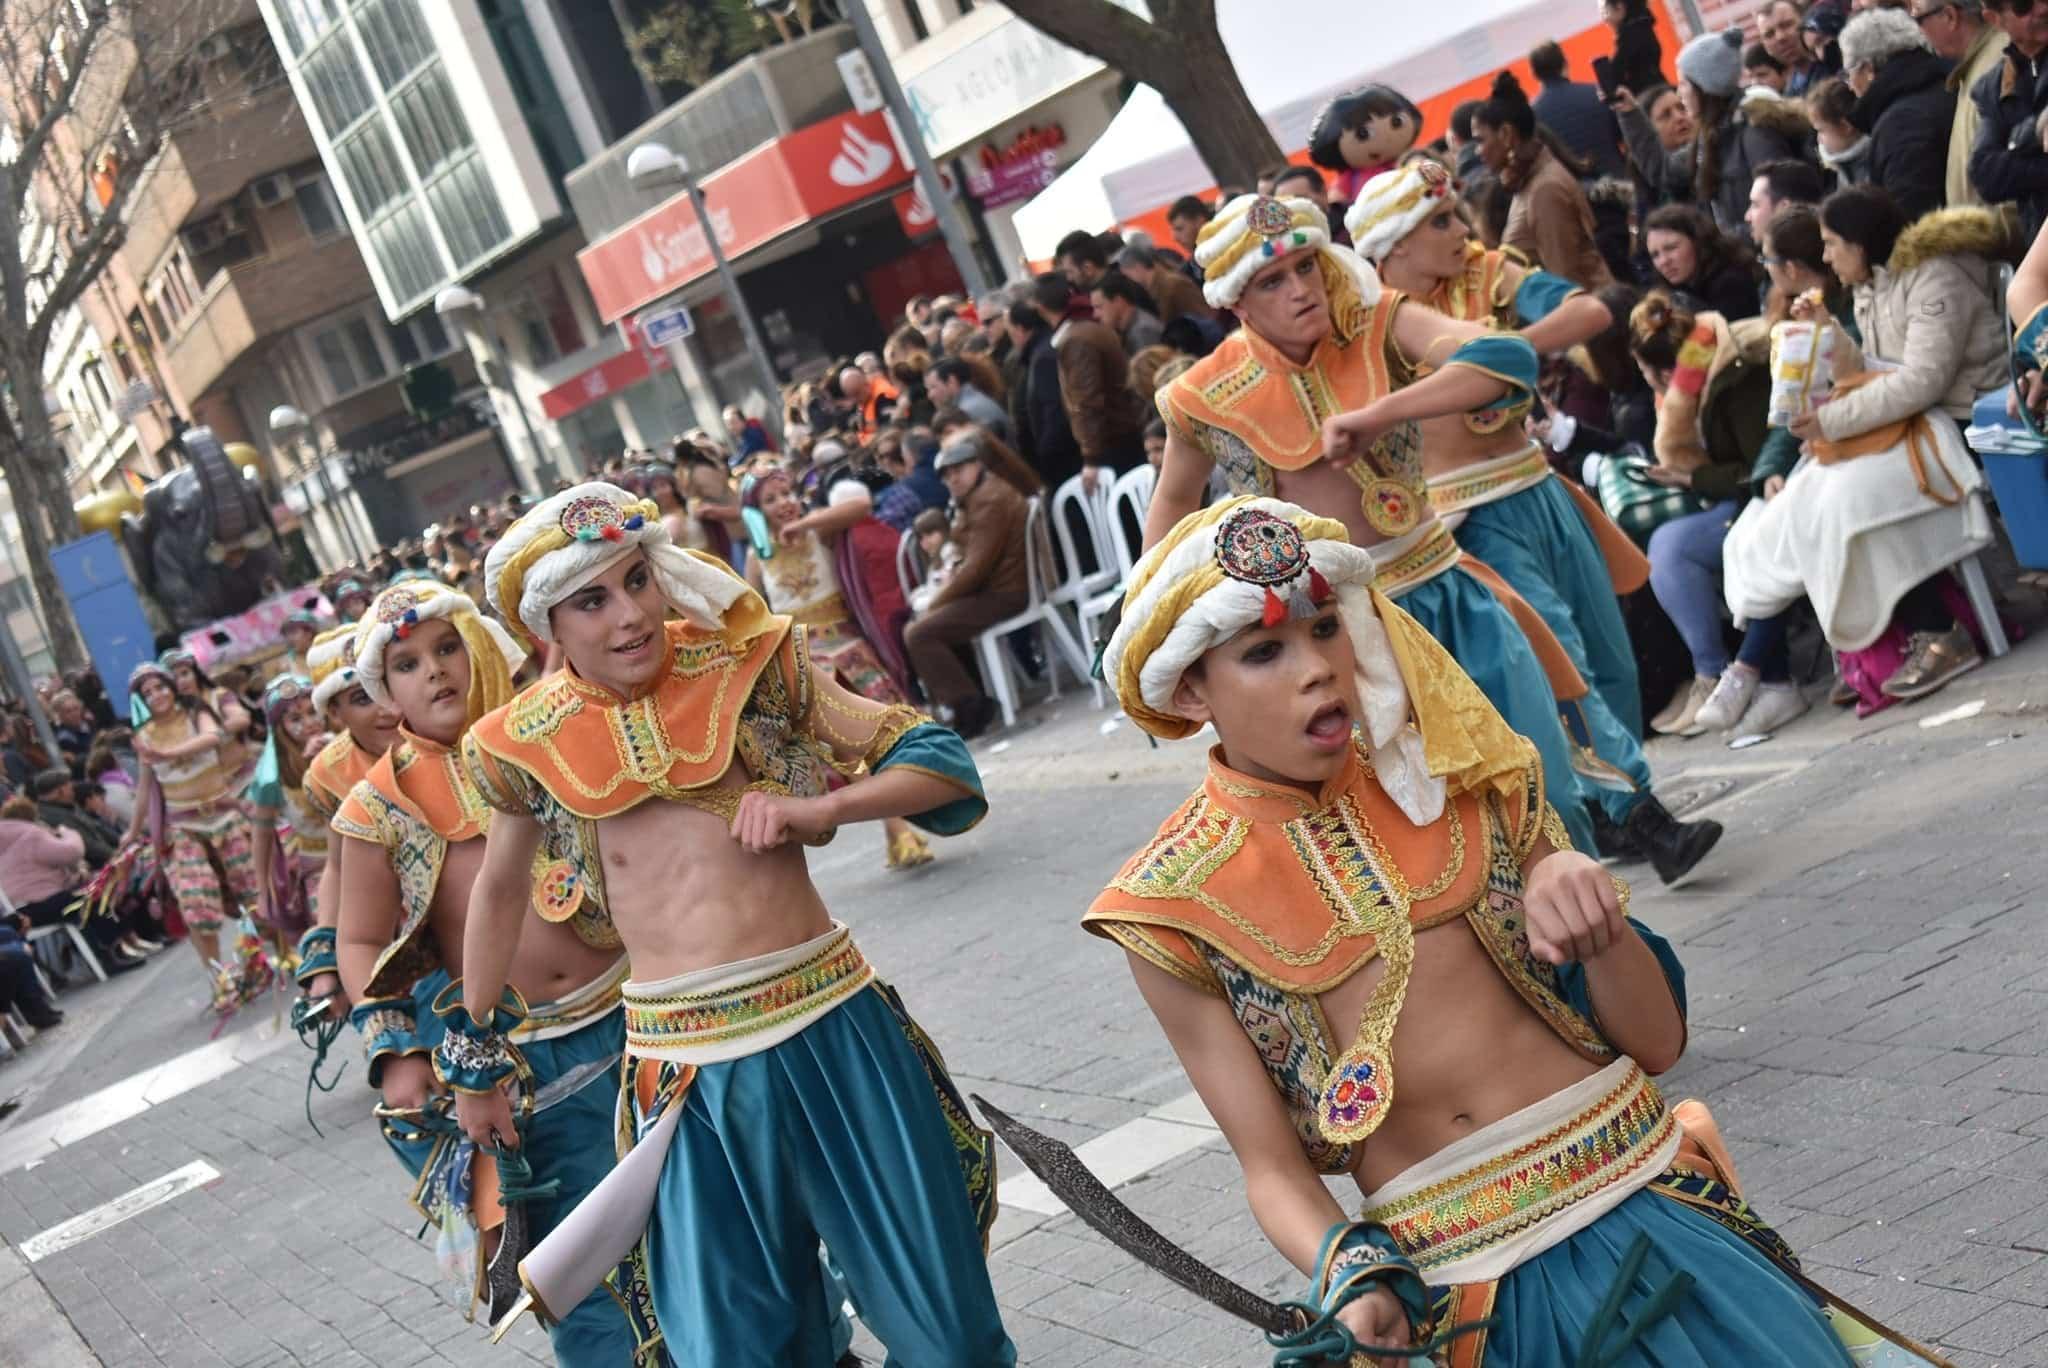 Carnaval de ciudad real 2020 axonsou arlequin oro herencia 21 - Axonsou se lleva el Arlequín de Oro en Ciudad Real